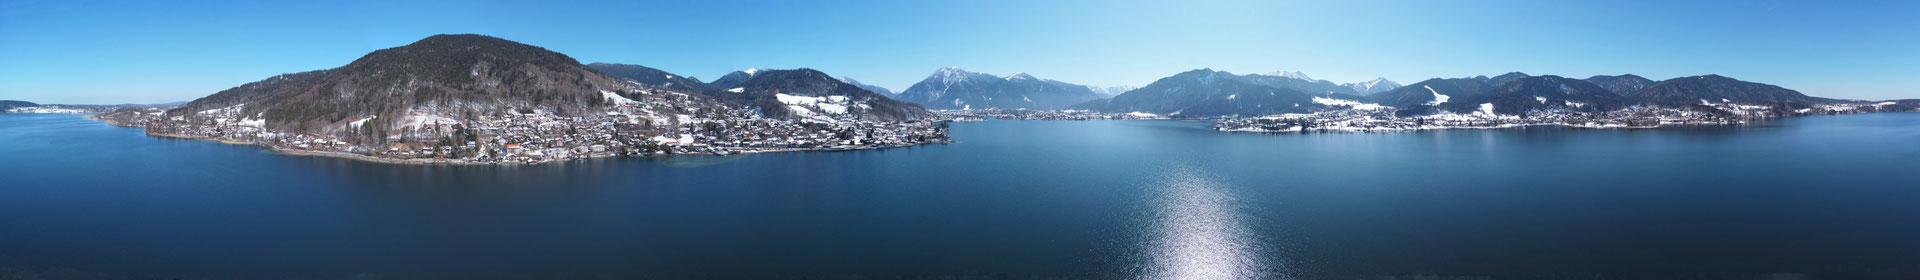 Panorama - Drohnenfoto - Landschaft - Winter - Schnee - Tegernsee - 360 Grad